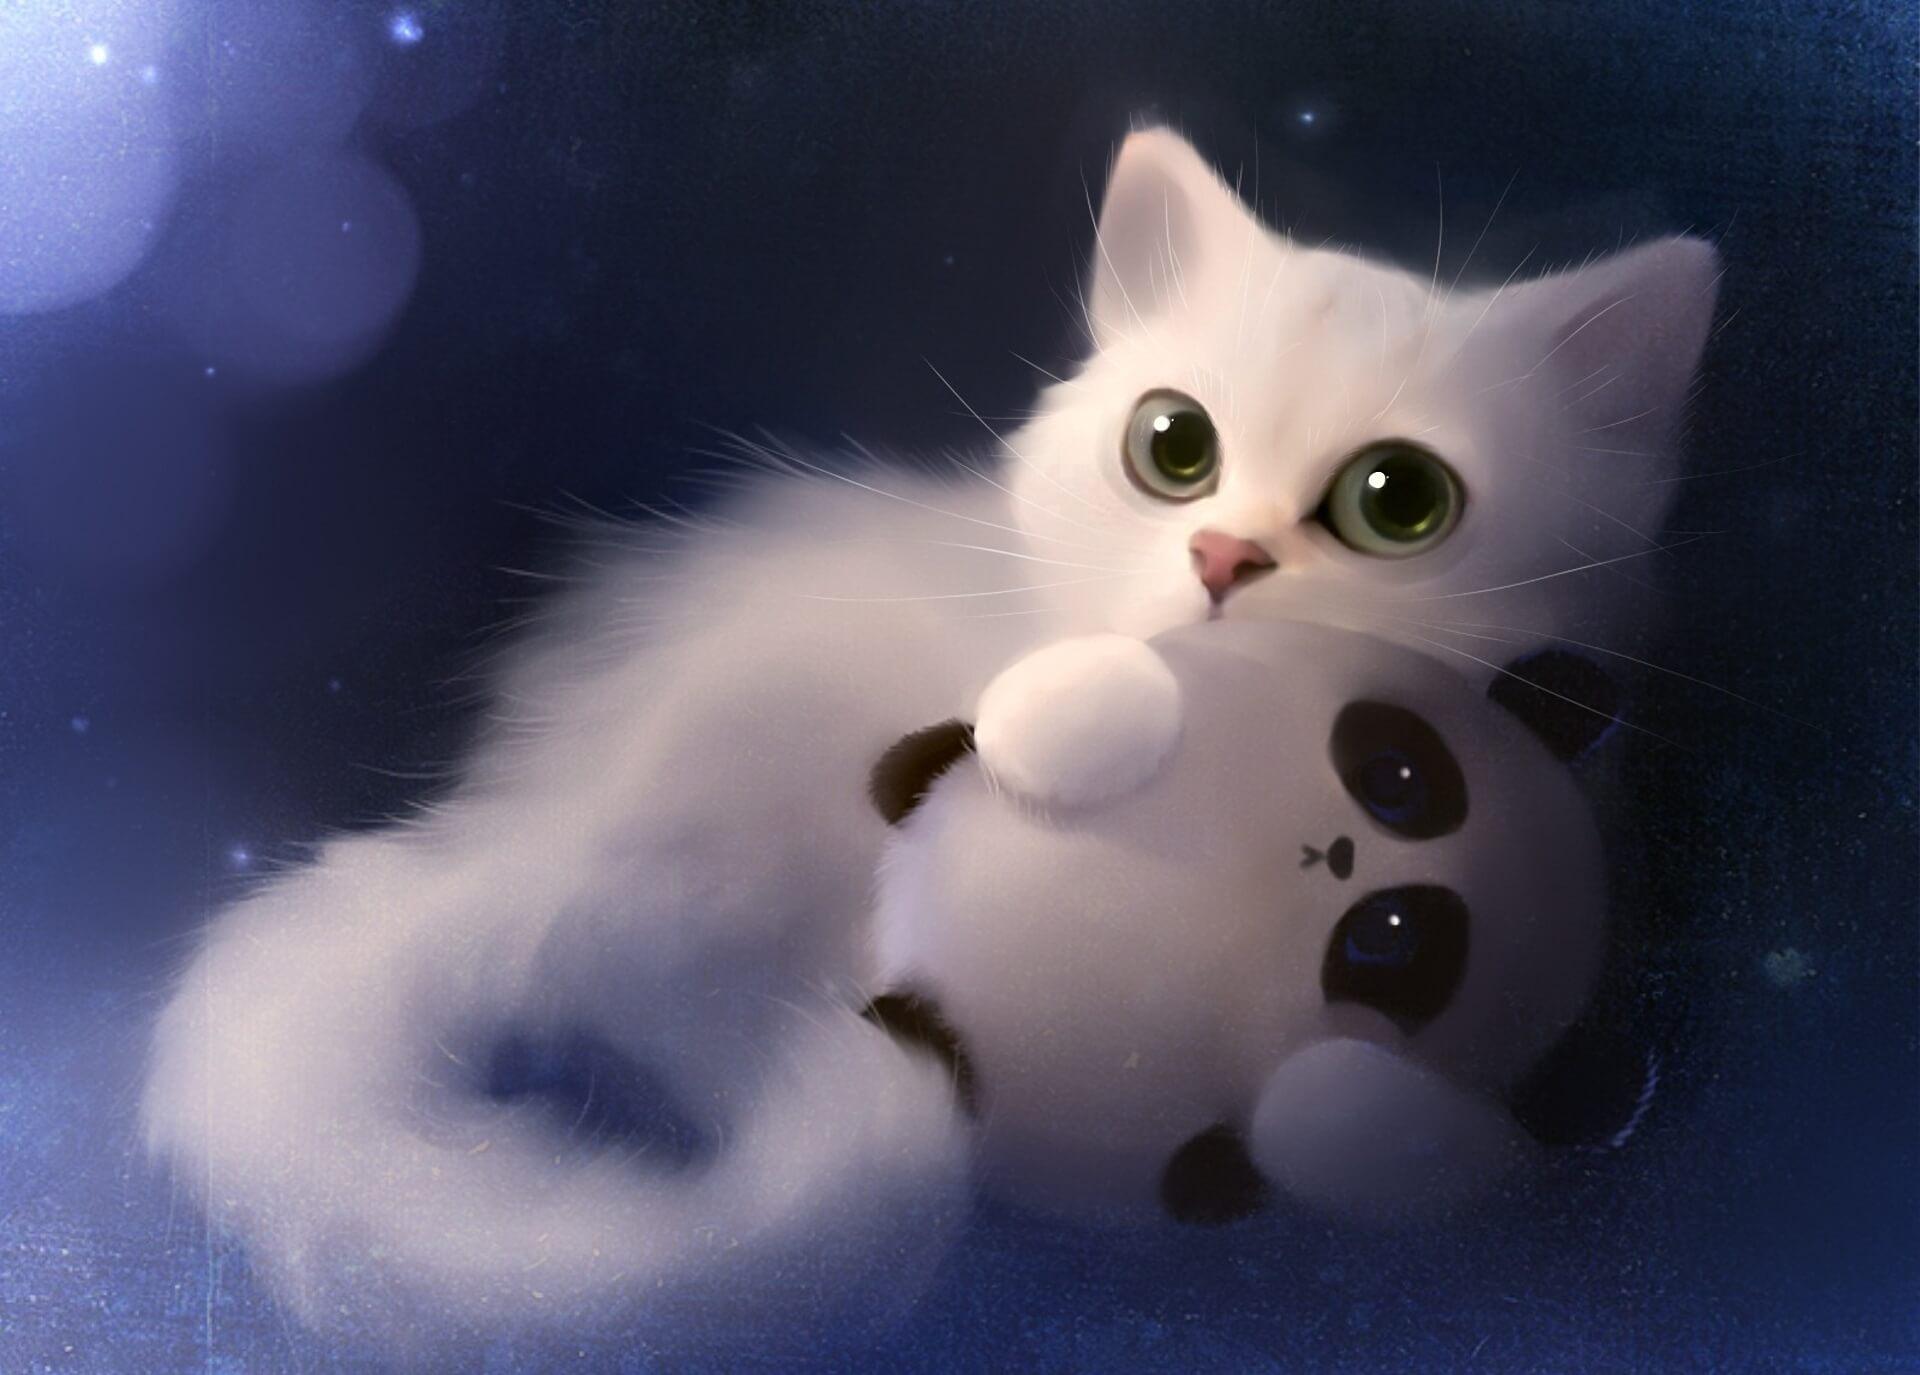 Прикольные и милые арт картинки котиков и кошек - подборка 20